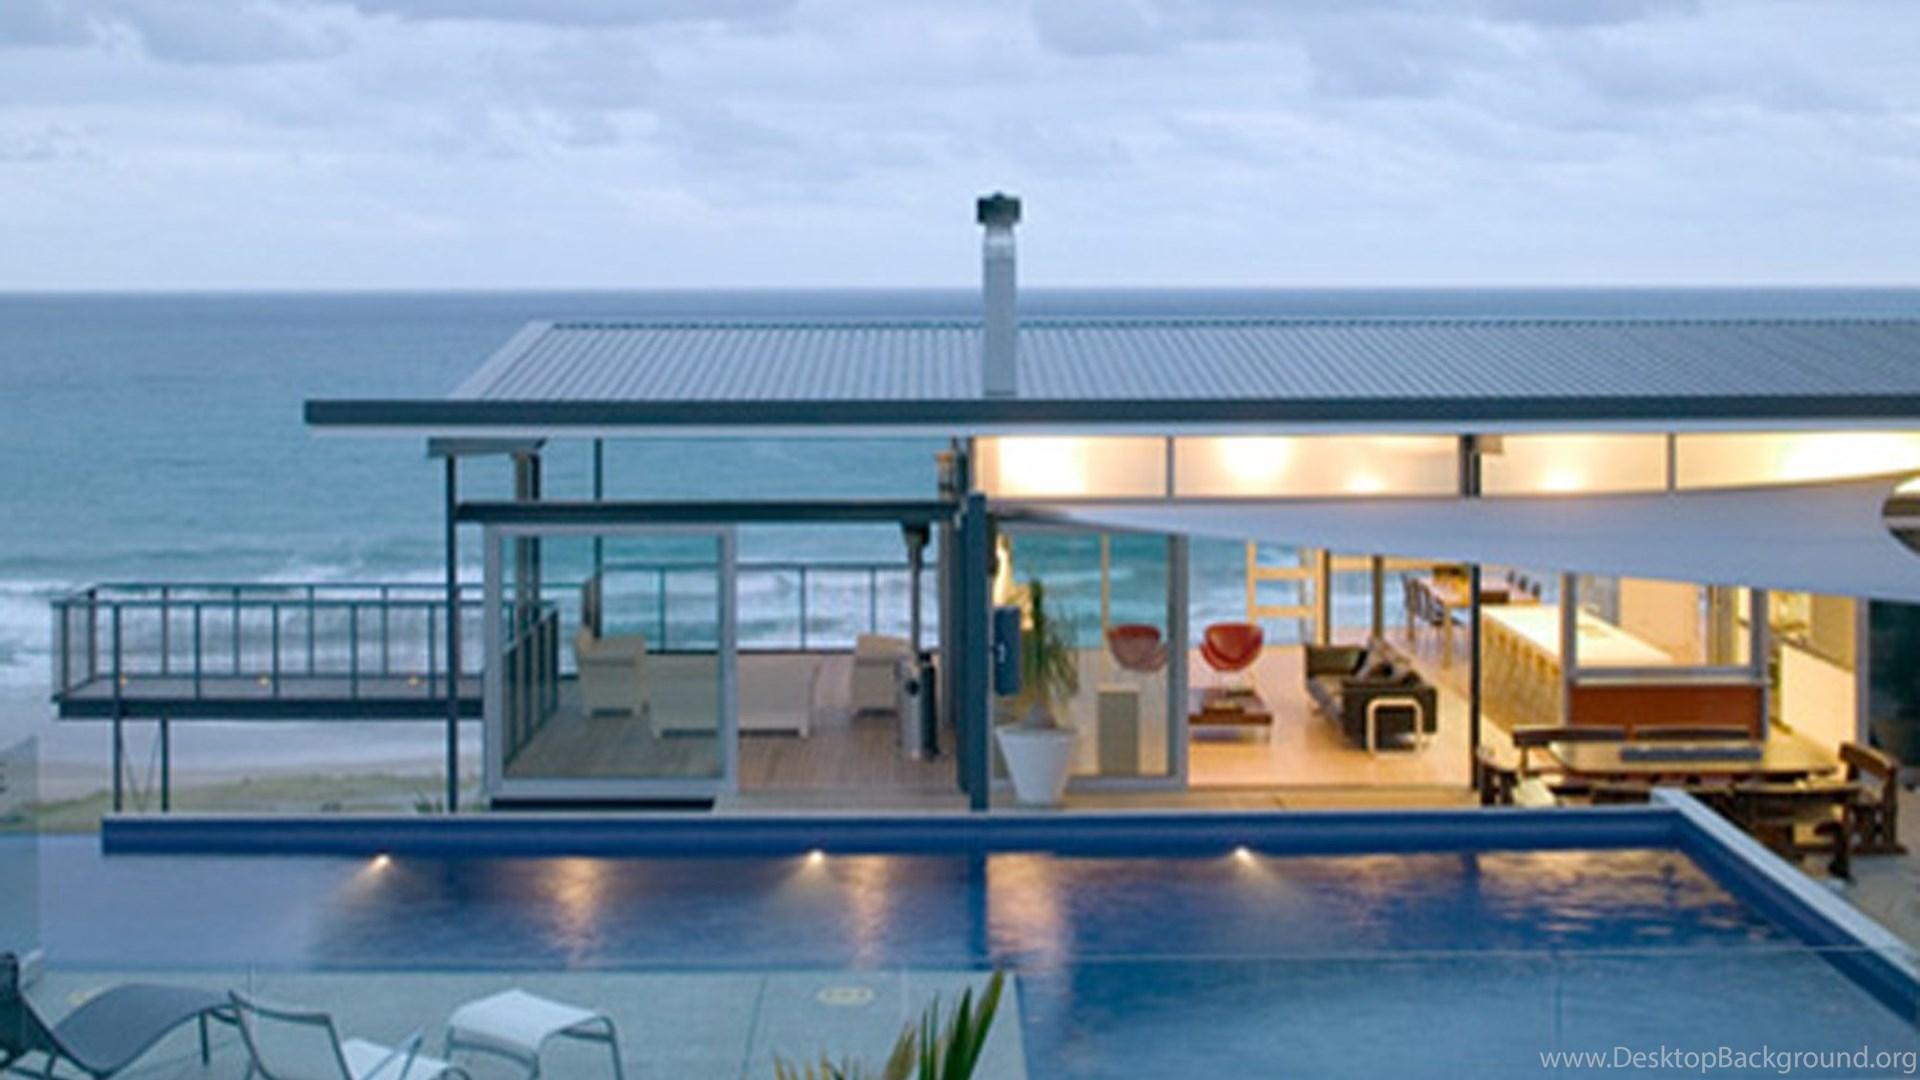 Beach Cottage Kitchen Design Ideas 13140 Wallpapers Free Hd Modern ...